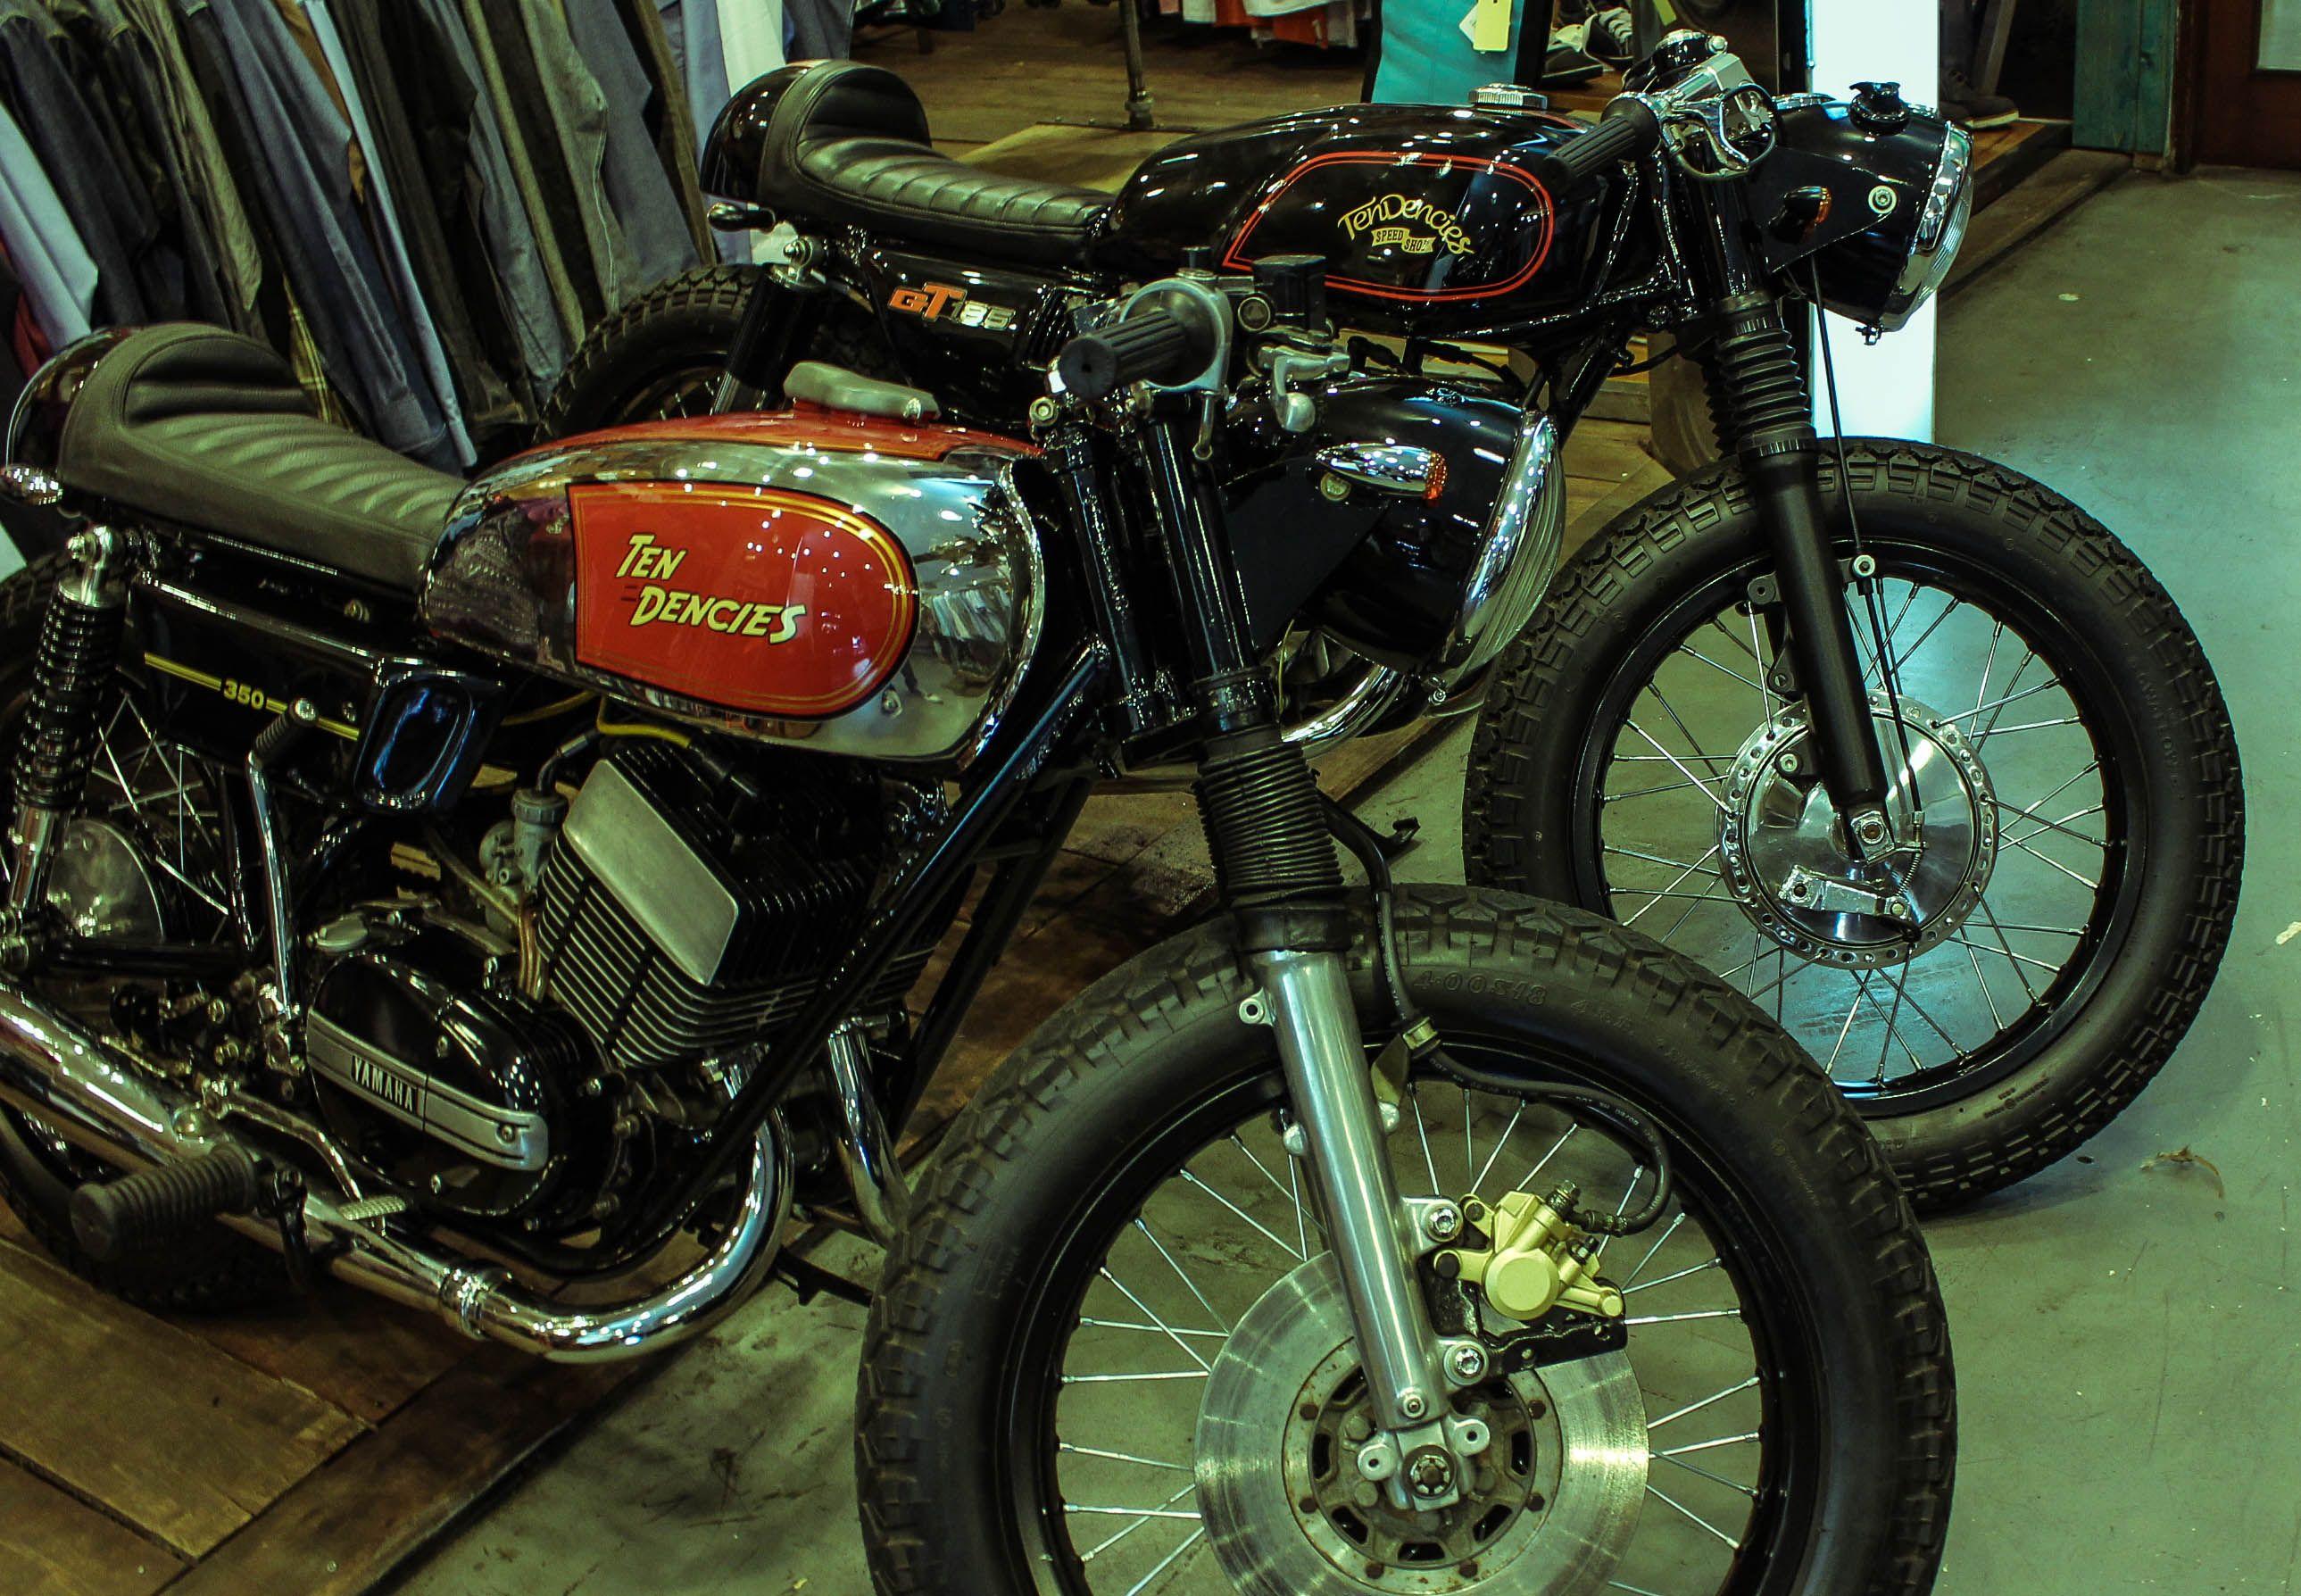 10dencies Customs Yamaha Rd 350 And Suzuki Gt 185 Cafe Racer Design Motorcycle Design Cafe Racer